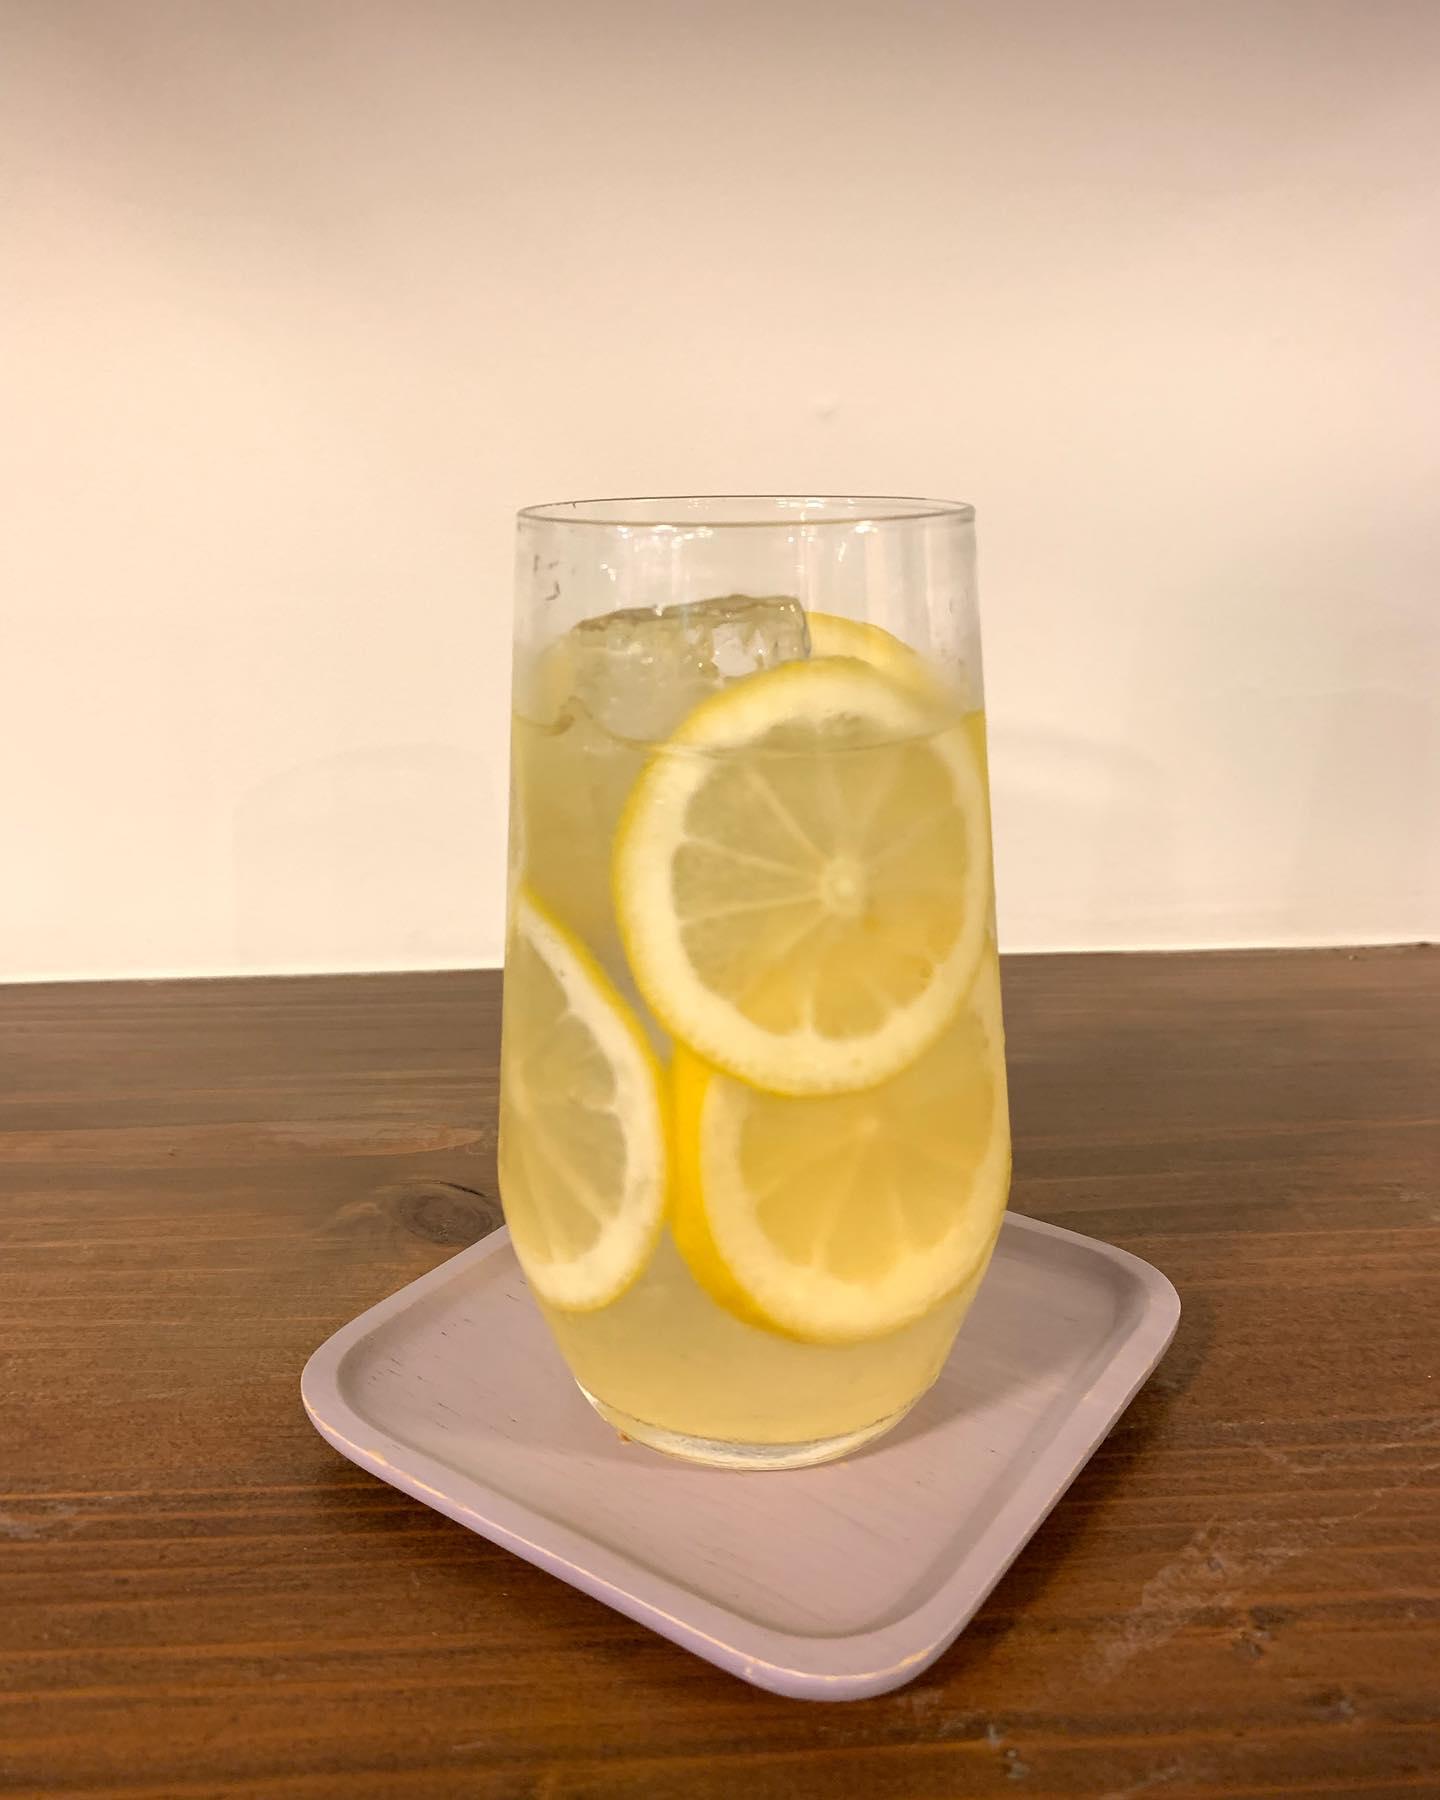 レモネードハイボール🍋こんにちは^_^FIKACOFFEEエリカです!今日のパスタランチのメニュー変更大変失礼しましたまさかまさかの納品遅れて急にすみませんでした明日こそ明太クリームパスタです今日は自家製レモンシロップを使った、レモネードハイボールちびちび飲みましょーFIKA COFFEE(フィーカ コーヒー)福岡県福岡市博多区下川端町3-1 博多リバレイン1FTEL0922926601通常営業時間→平日9:00〜20:00  土日祝9:00〜18:00店休日→不定休(早く閉めたり休んだりすることもあります)10月1日より店内営業再開です!アルコールもご提供再開です!!新型コロナウイルス感染防止対策も徹底致しますので、ご協力お願いします!#カフェ #カフェ巡り #コーヒー #coffee#クッキー #cookies #焼き菓子 #ケーキ #チーズケーキ #福岡 #福岡カフェ #博多 #中洲 #博多リバレイン #博多座#くま #犬 #猫 #fikacoffee #fika #自家焙煎珈琲 #くまチョコミルク #うむぷ #赤毛のマチコ #マルオ #スイーツ #チョコ #コーヒーゼリー